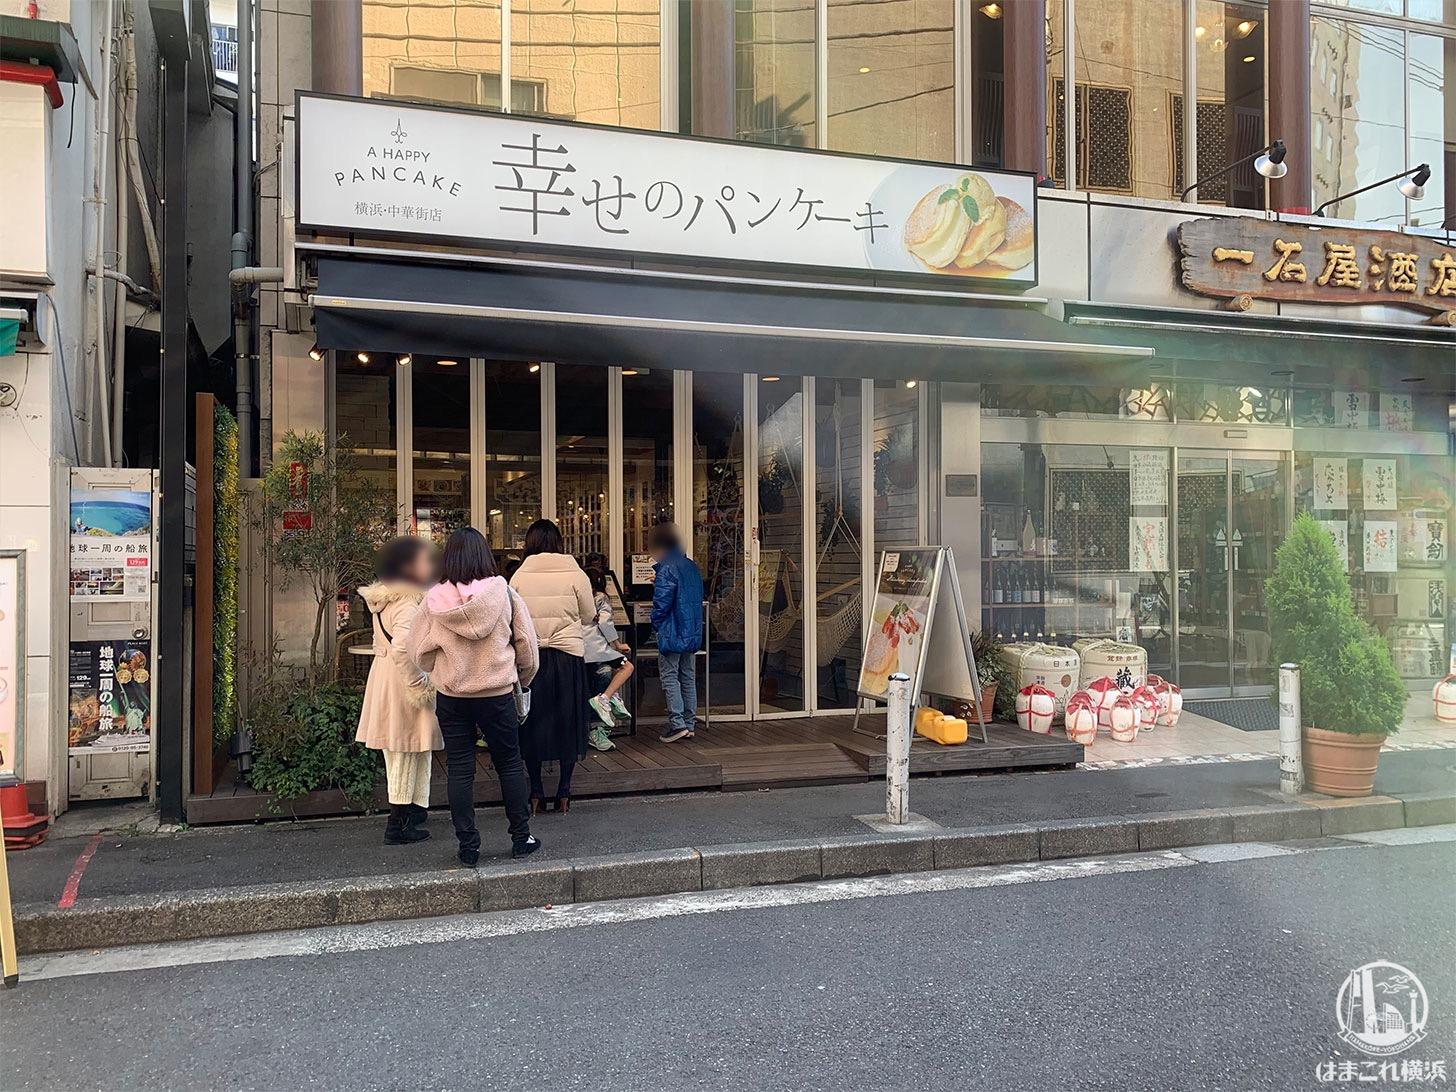 幸せのパンケーキ 横浜中華街店 外観